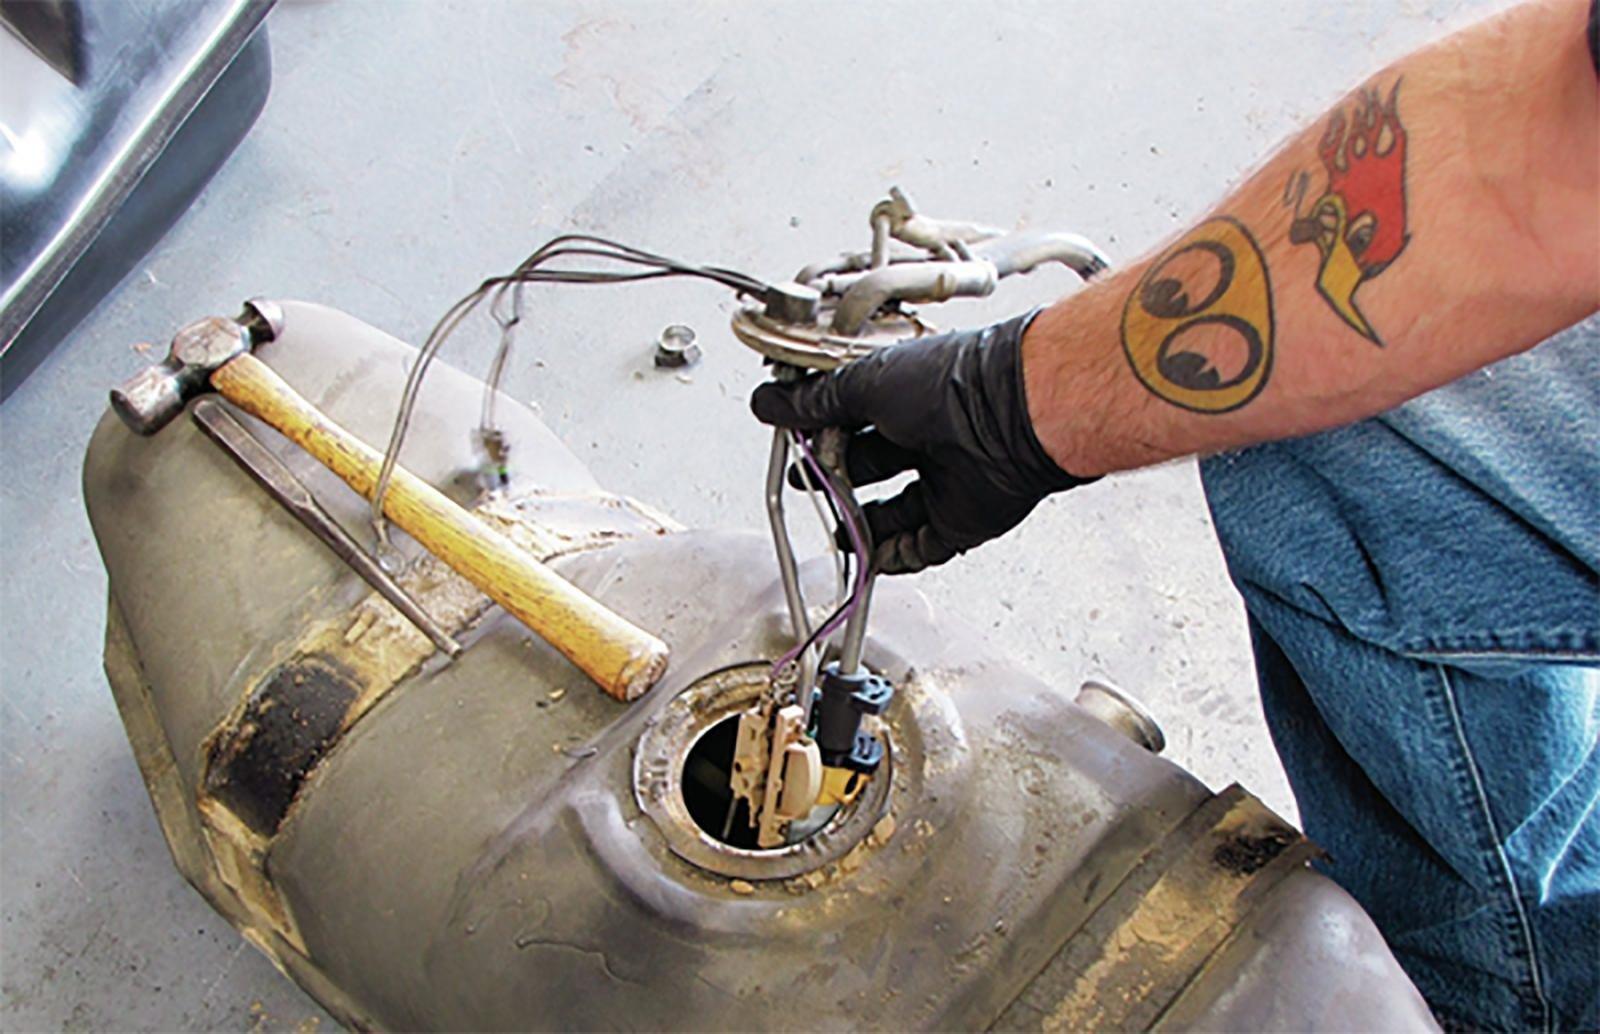 Arreglar la falla de labomba de gasolina por ti mismo en un auto moderno podría ser más complicado